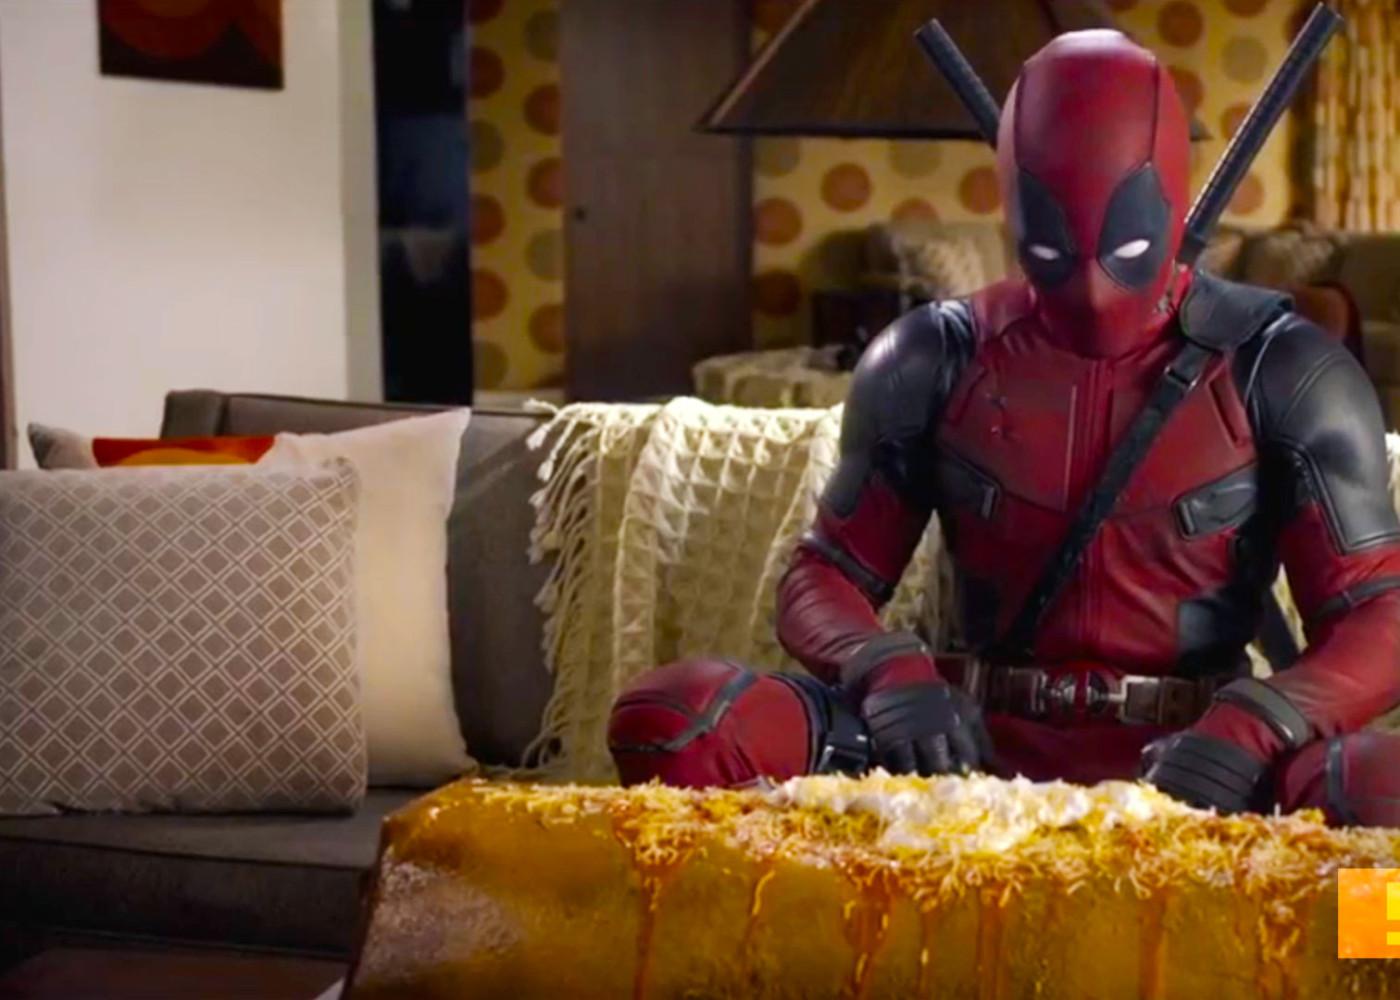 deadpool chimichanga IMAX trailer. the action pixel. @theactionpixel . 20th century fox. @theactionpixel